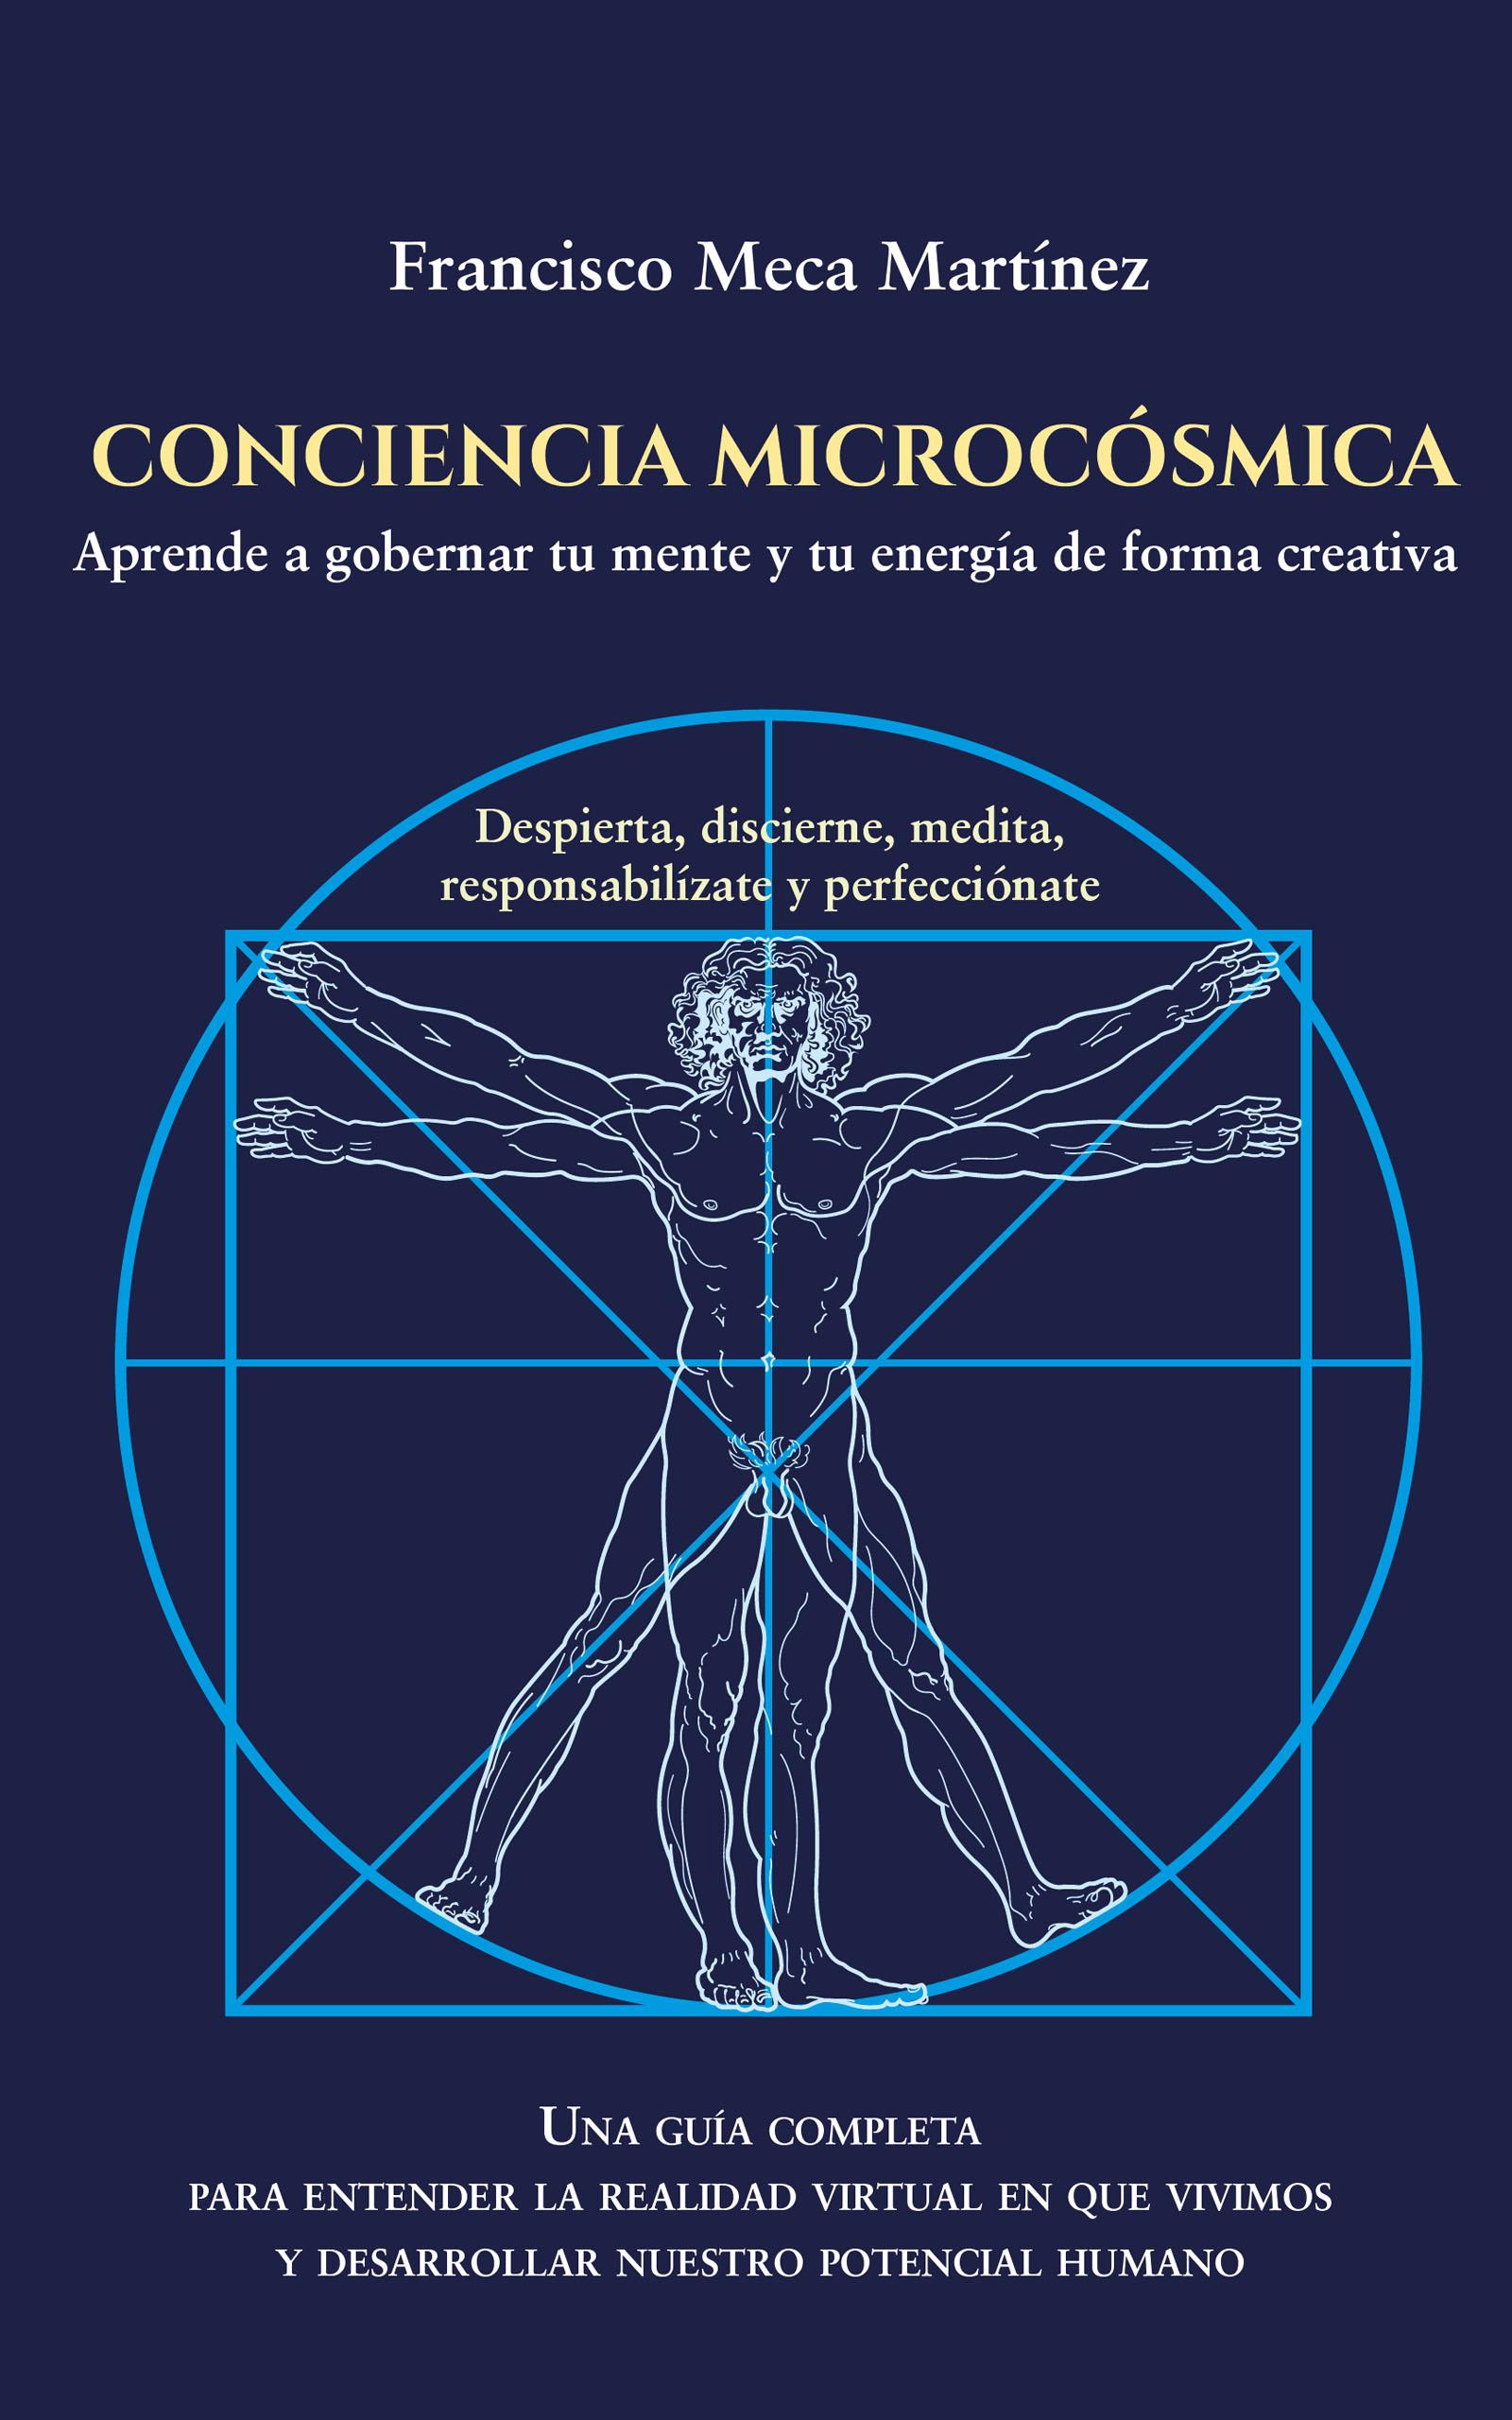 Conciencia microcósmica, de Francisco Meca Martínez